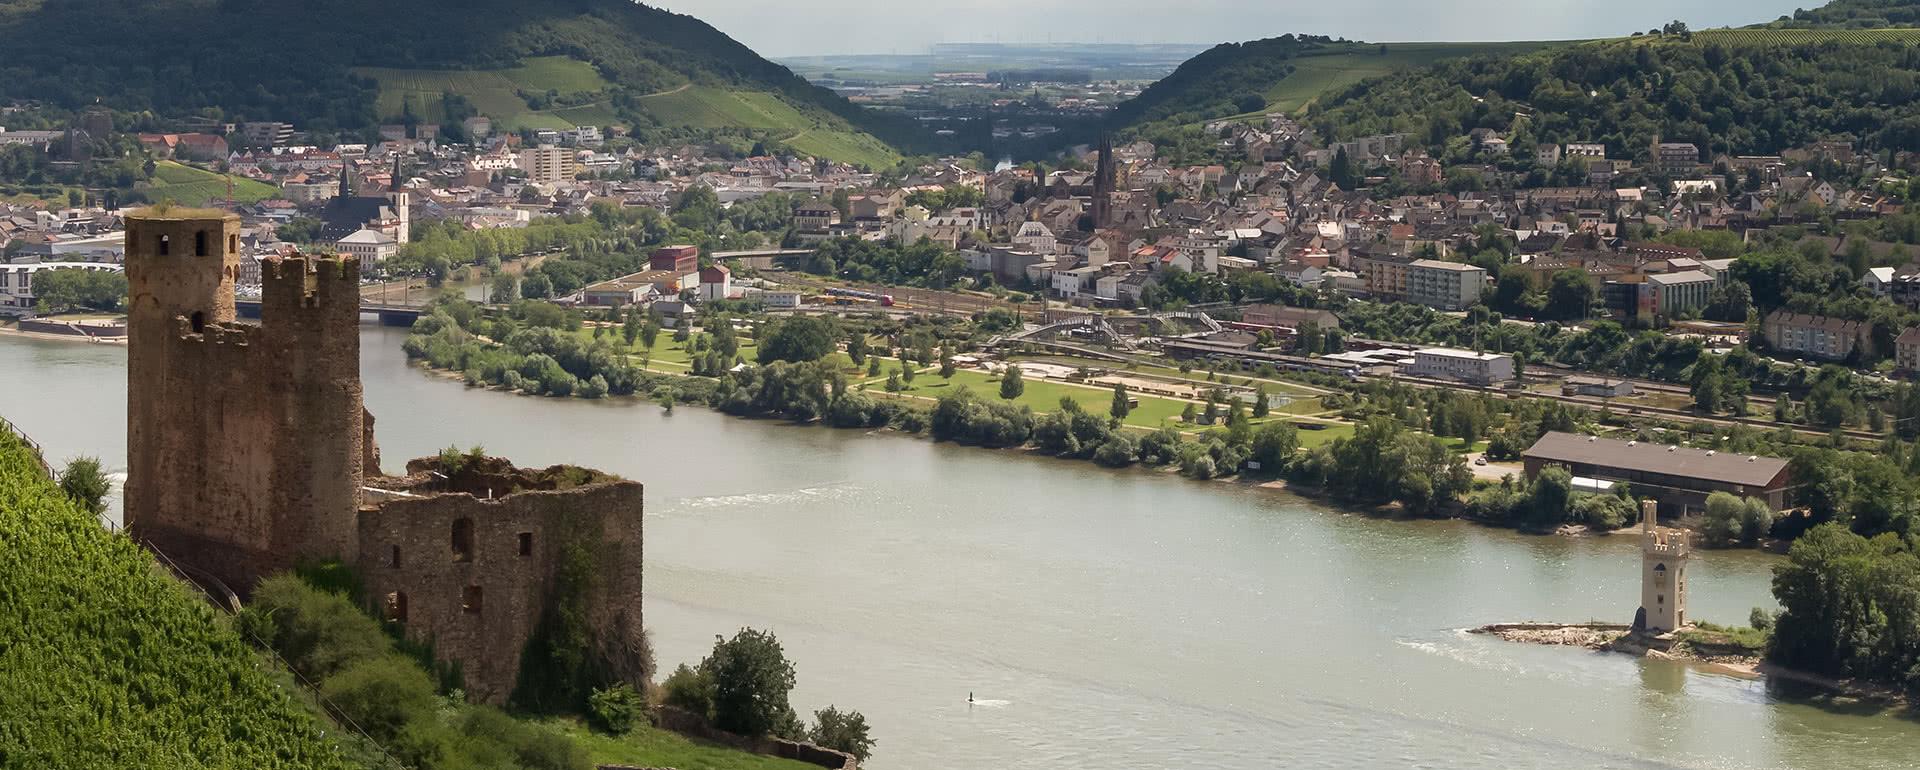 Titelbild von Rüdesheim am Rhein